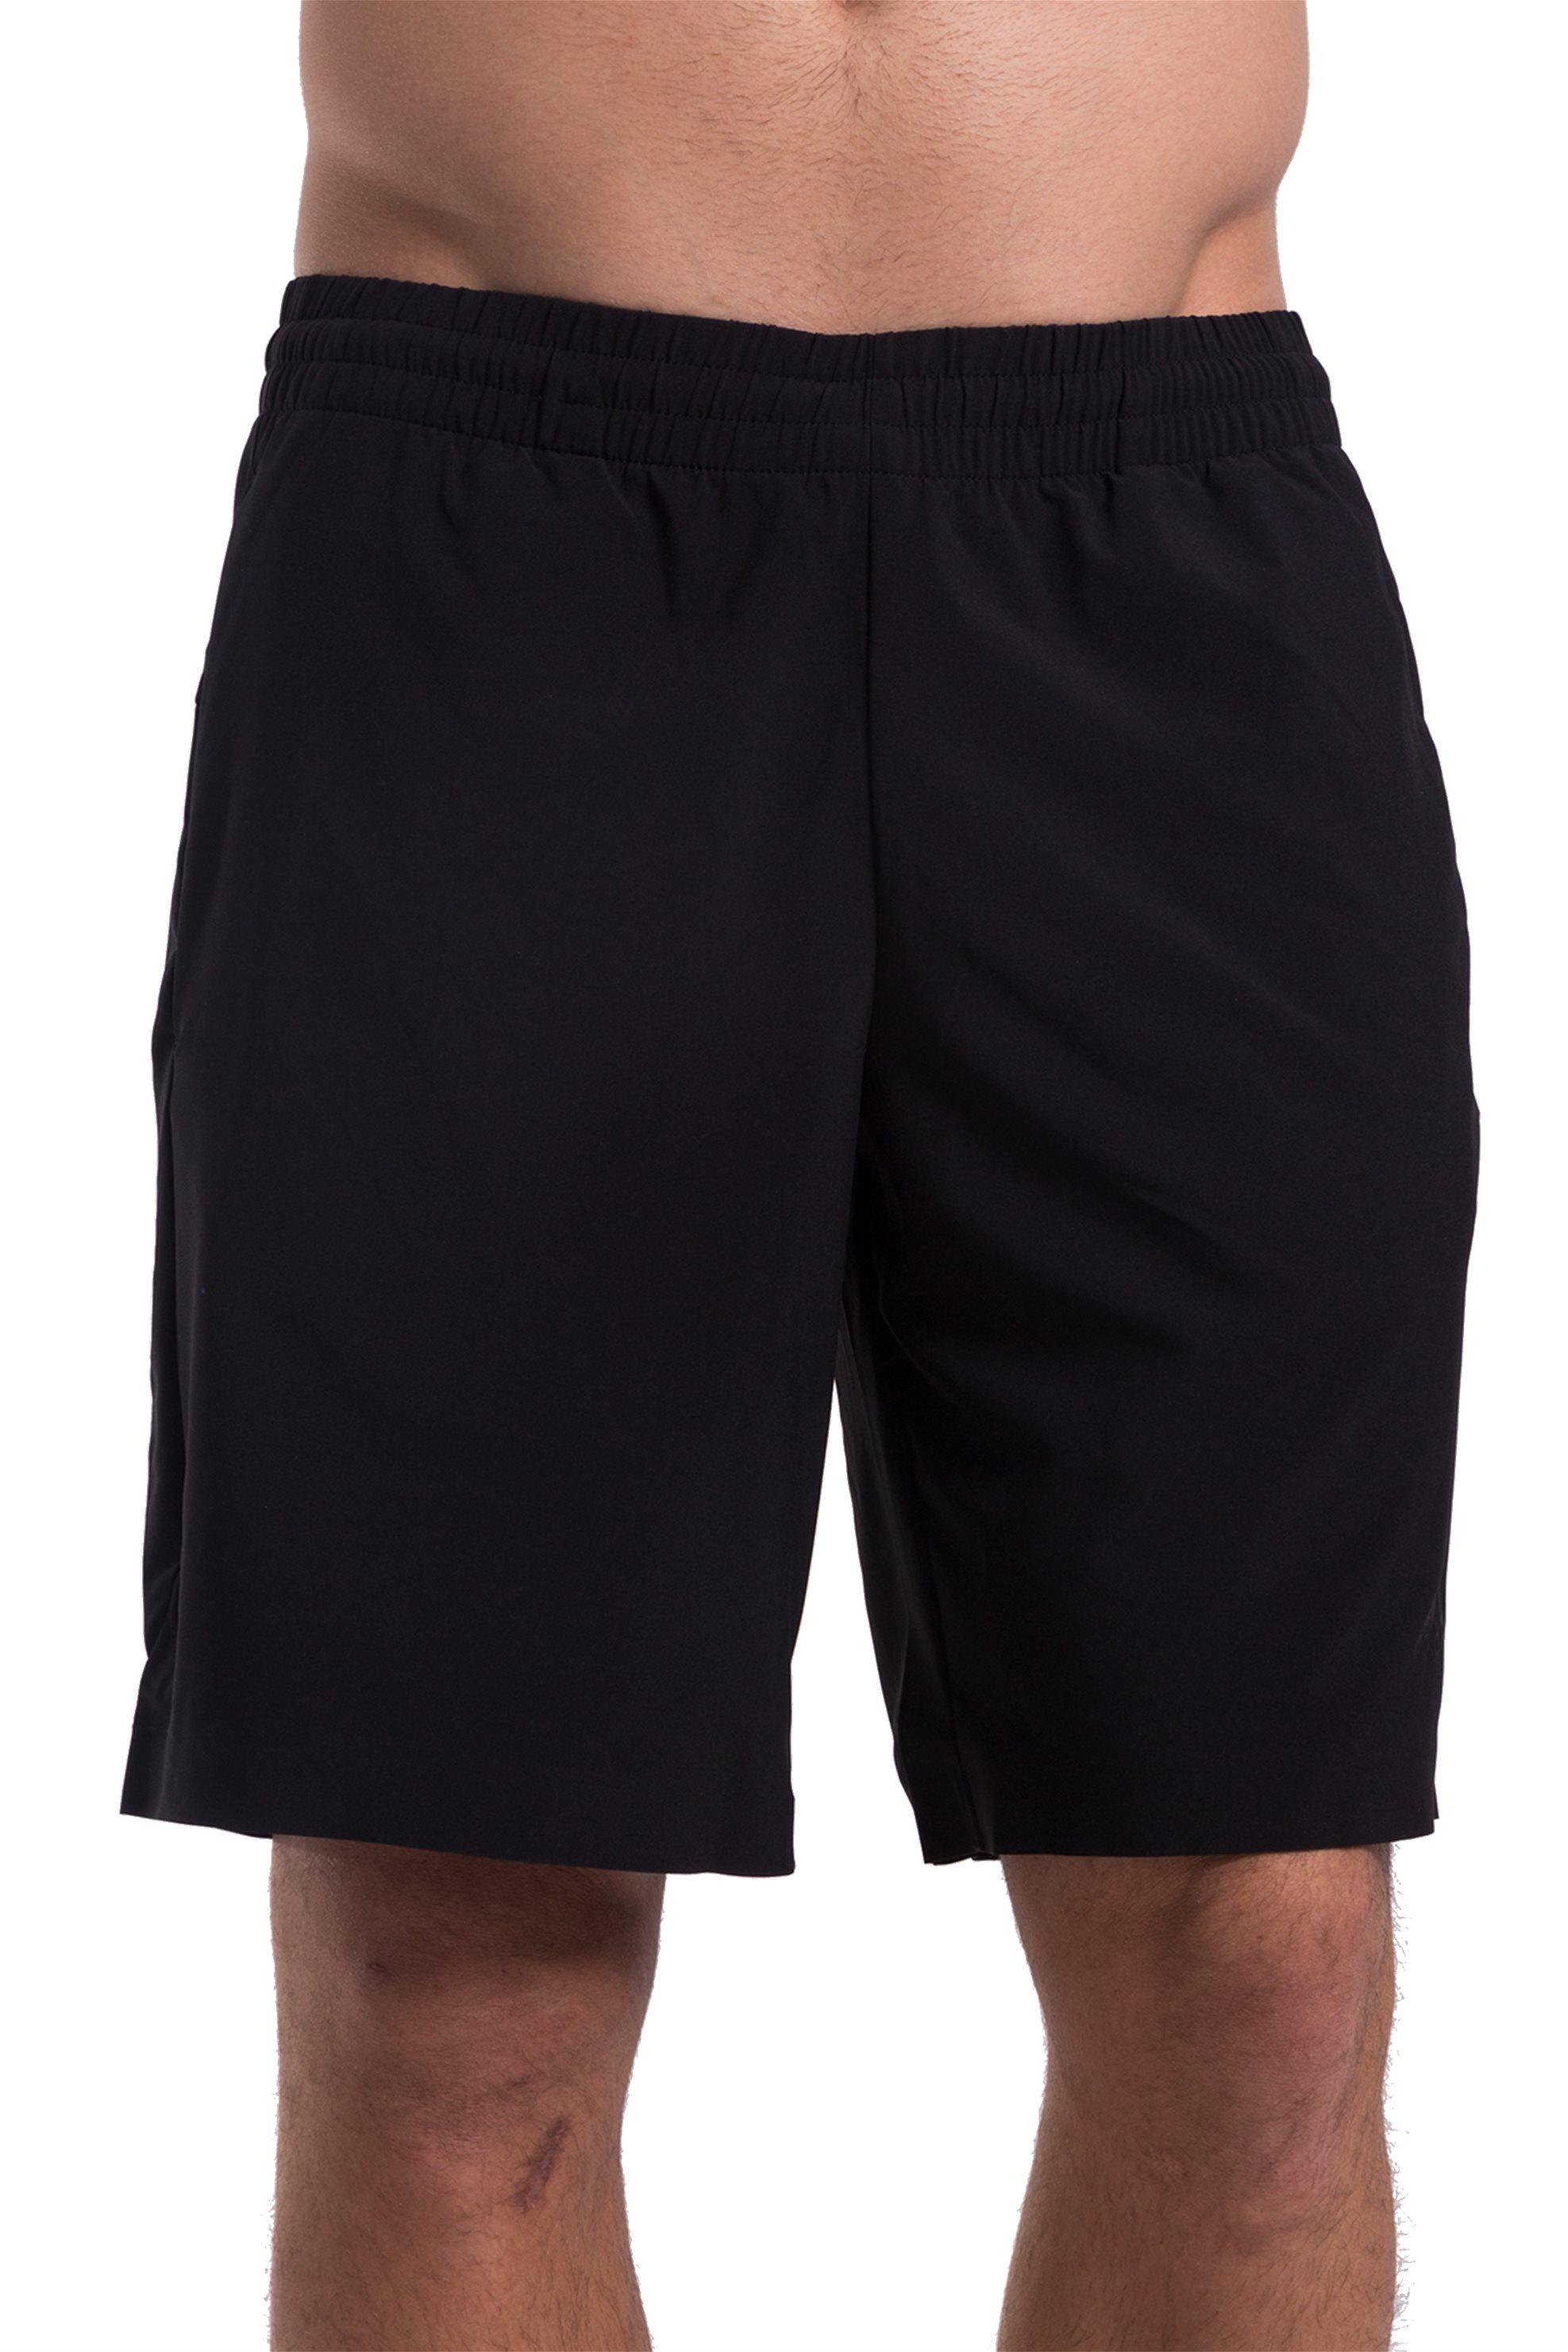 Ανδρικό μαύρο σορτς ID CHELSEA SHORTS Adidas - CG2122 - Μαύρο ανδρασ   αθλητικα   αθλητικά ρούχα   σορτς